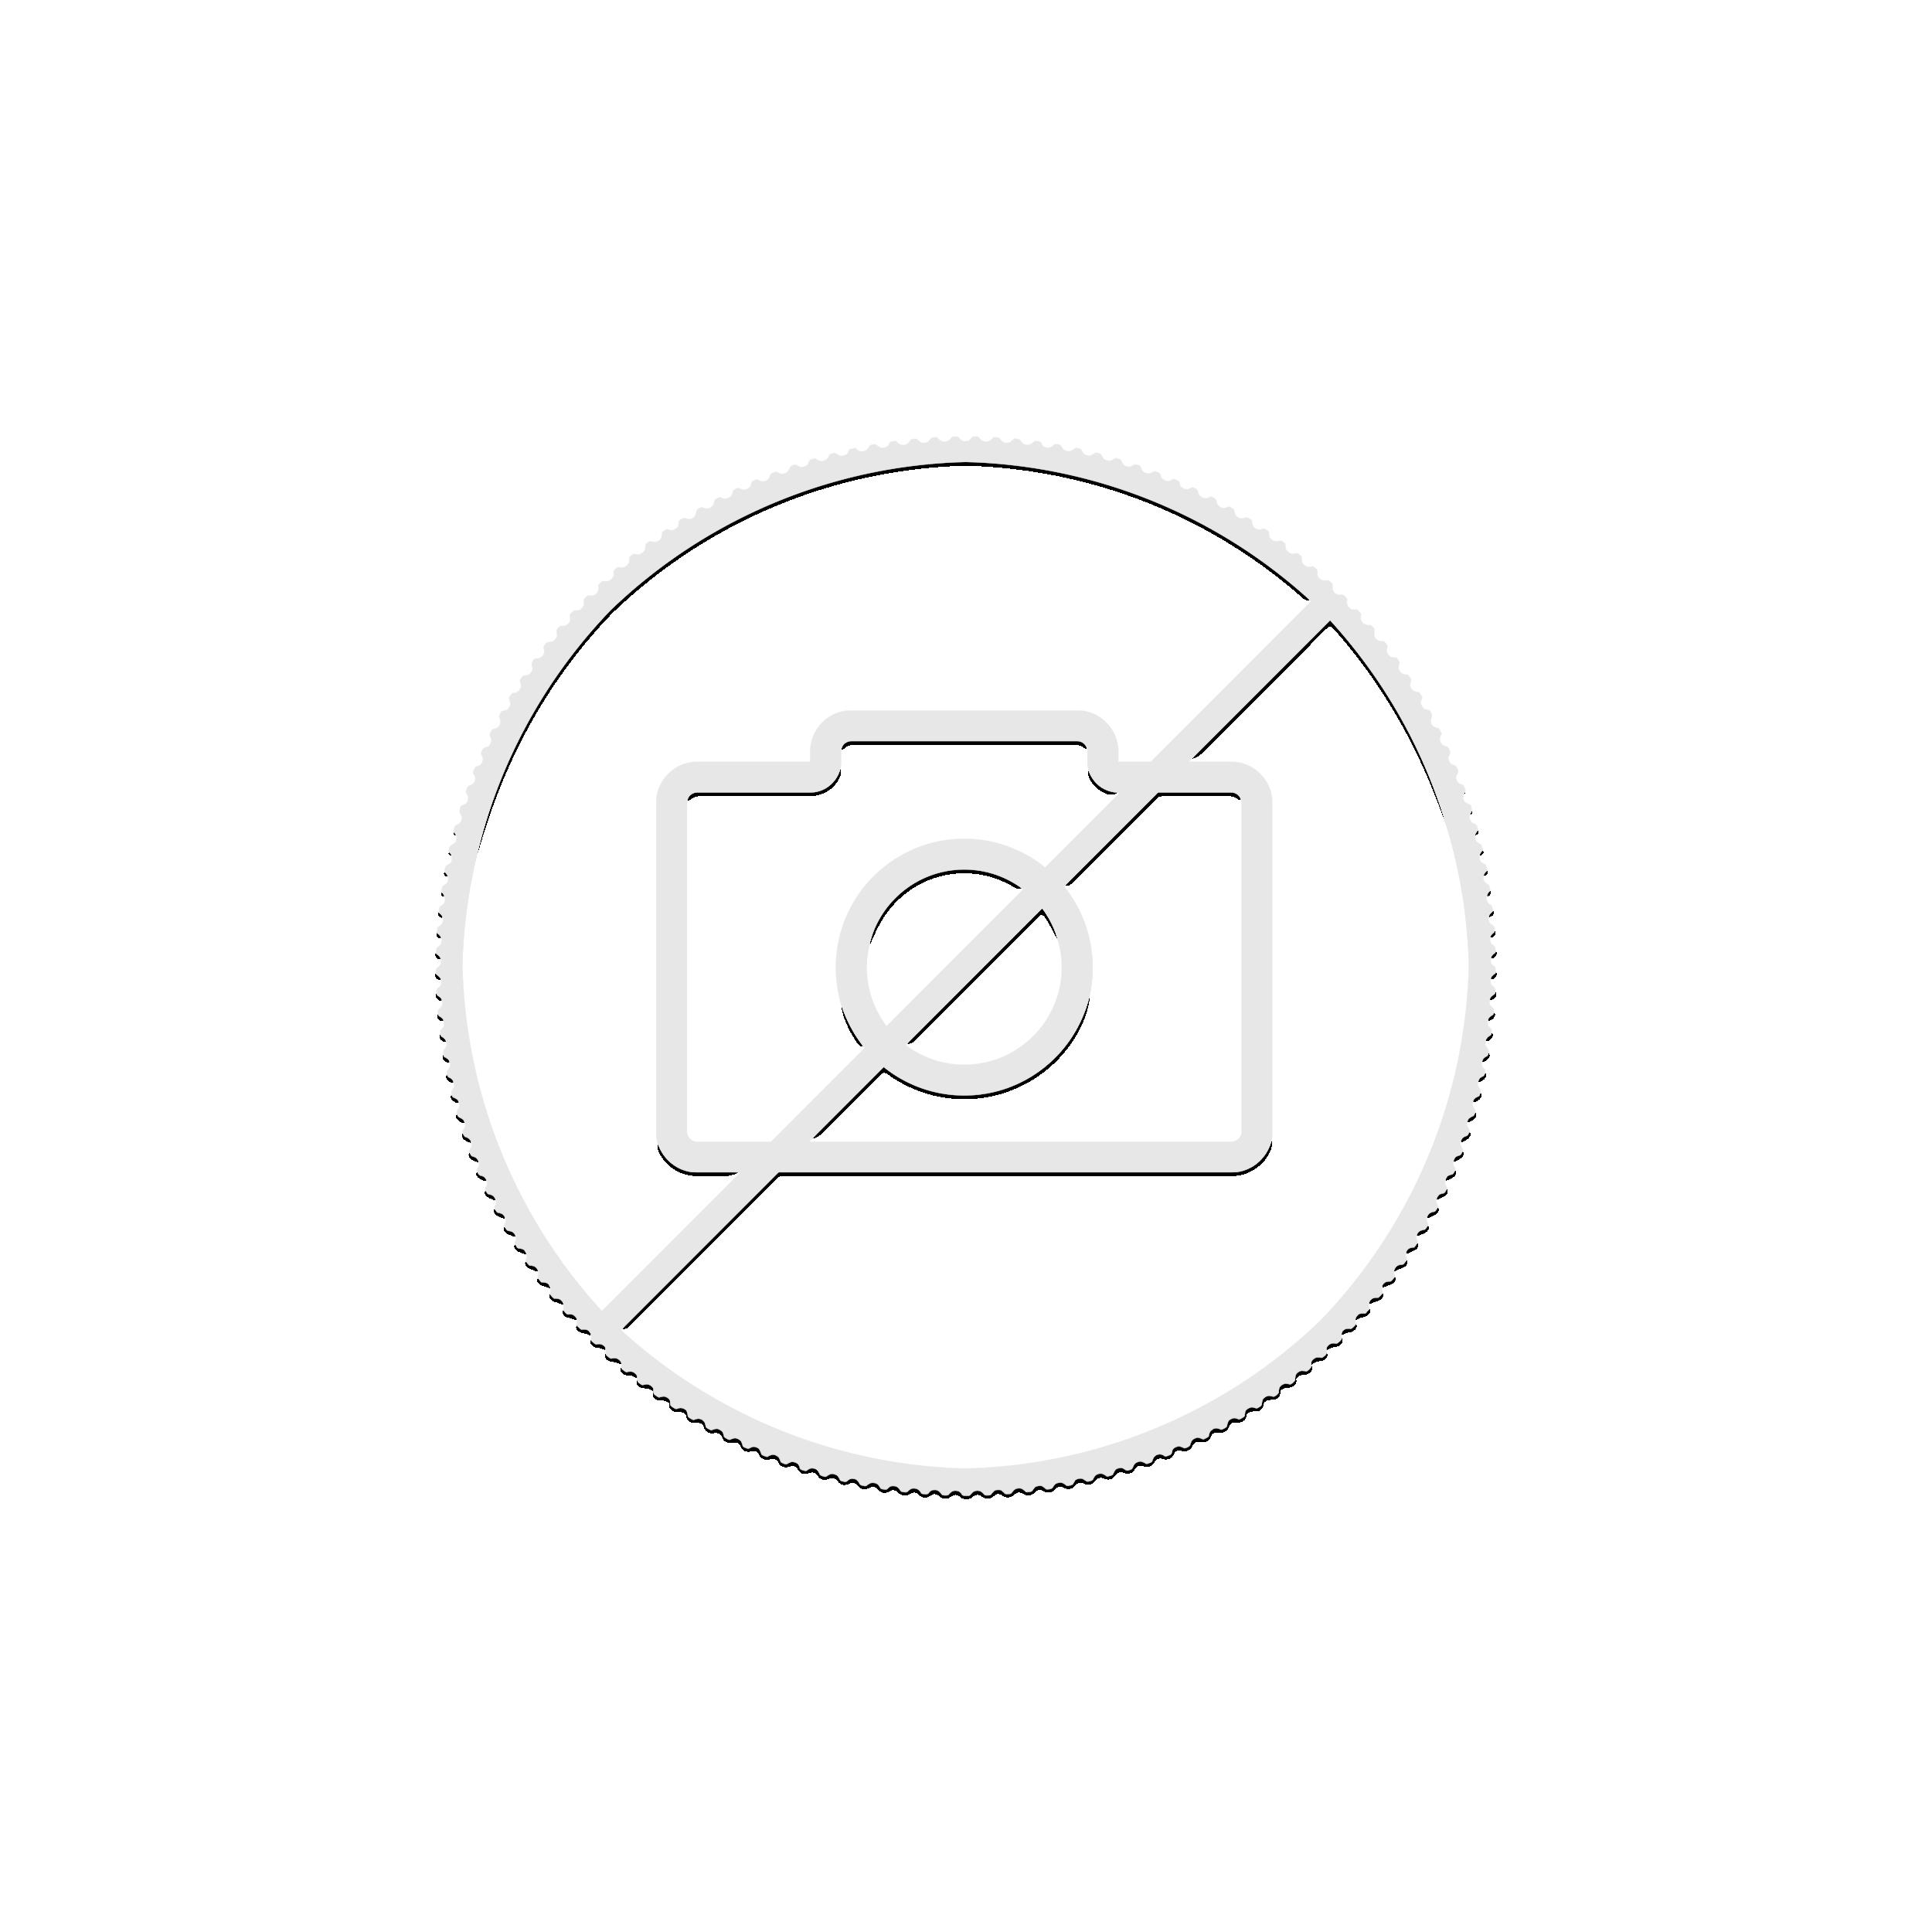 2 troy ounce zilveren munt Fortuna hemelse schoonheid 2021 - doos